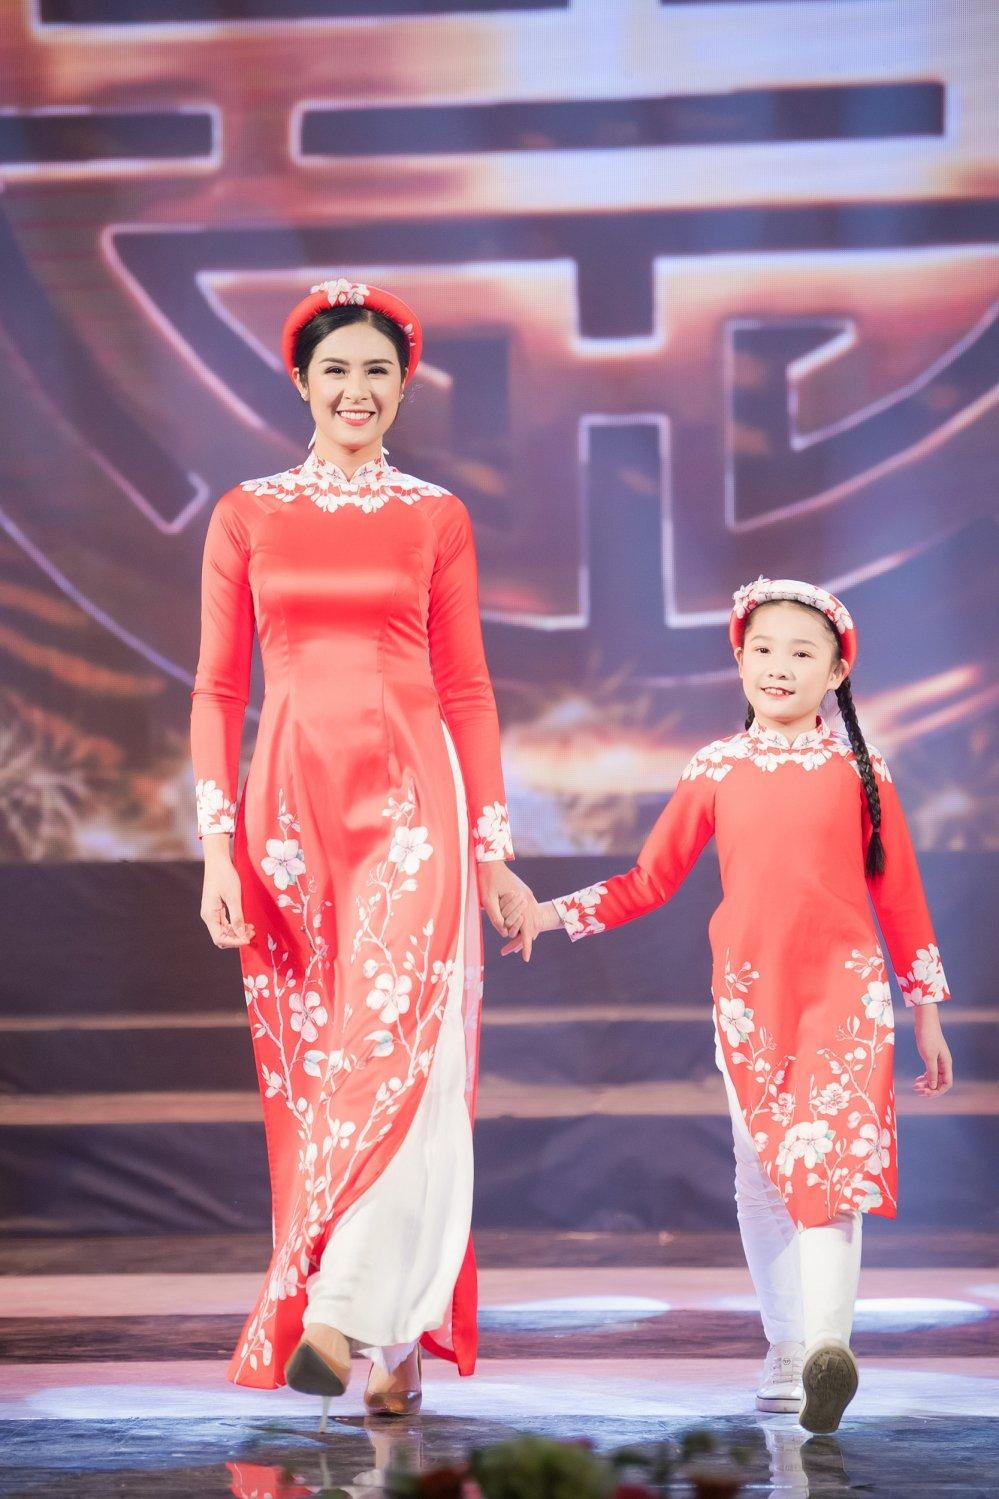 MC Phan Anh cung vo con trinh dien ao dai do Hoa hau Ngoc Han thiet ke hinh anh 1